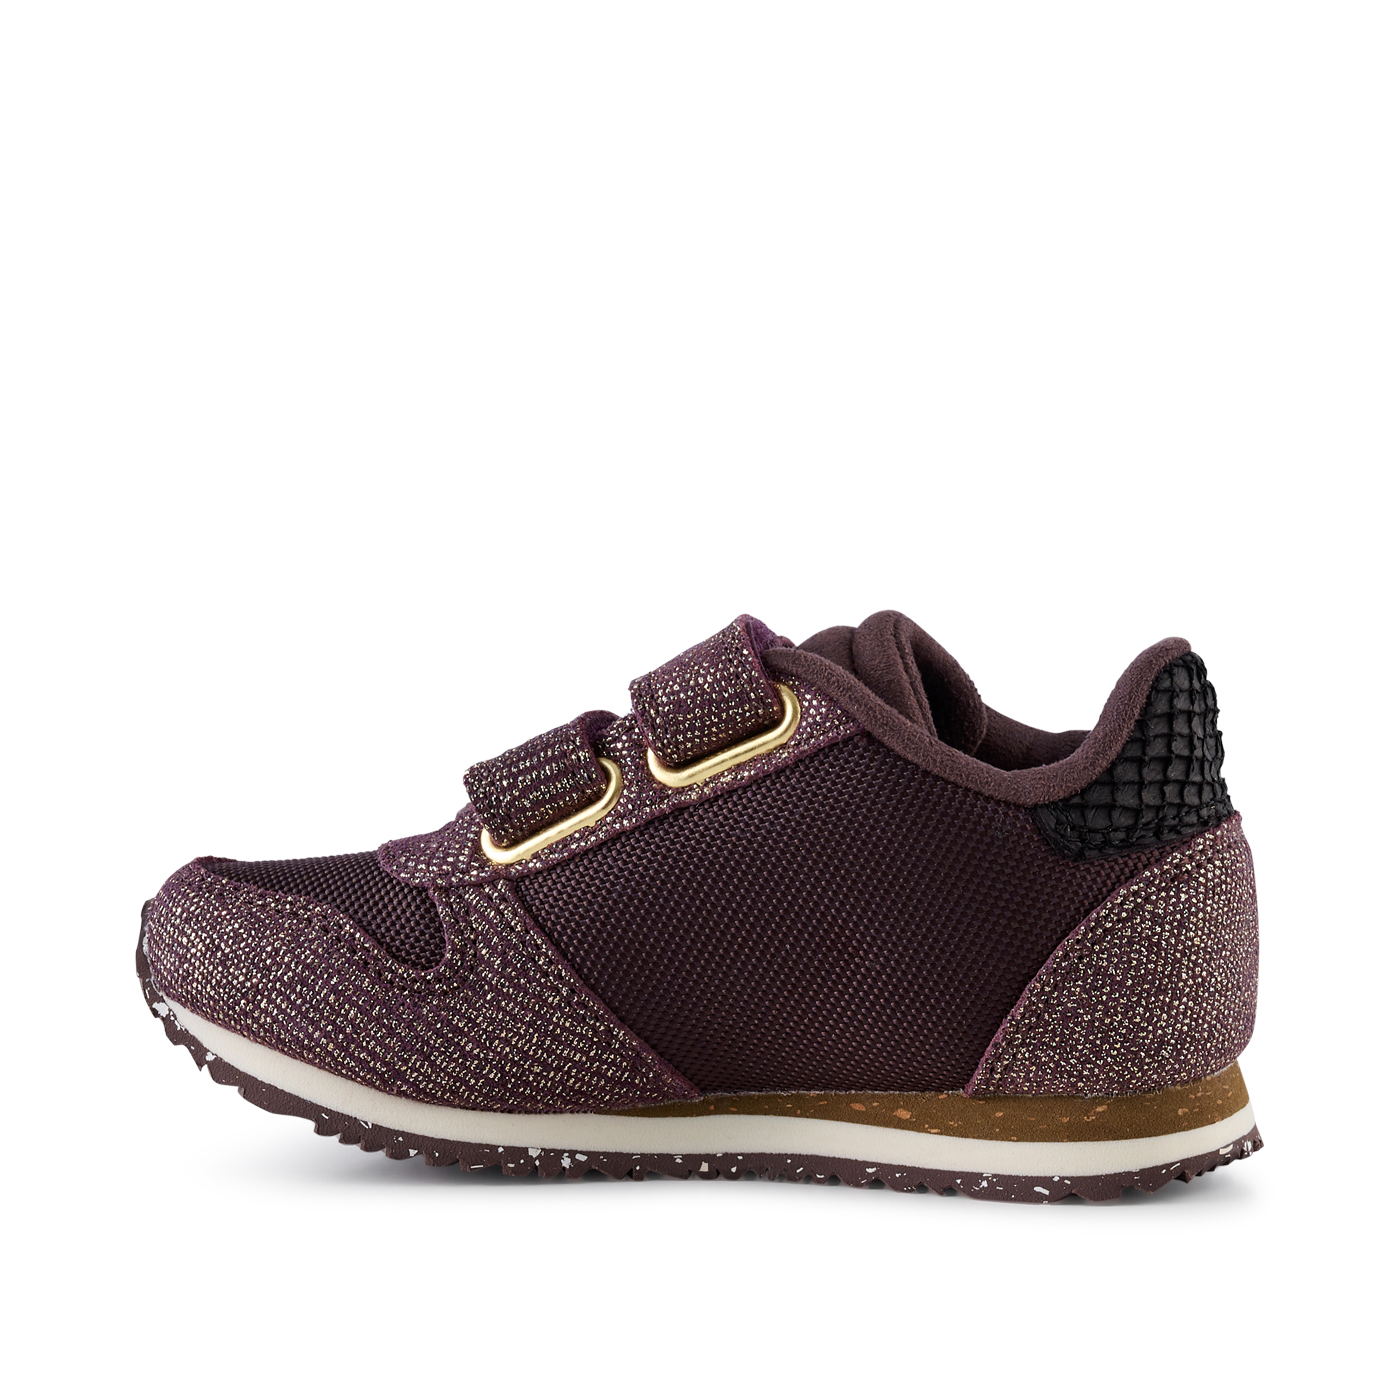 Woden Sneakers, Fudge, 33